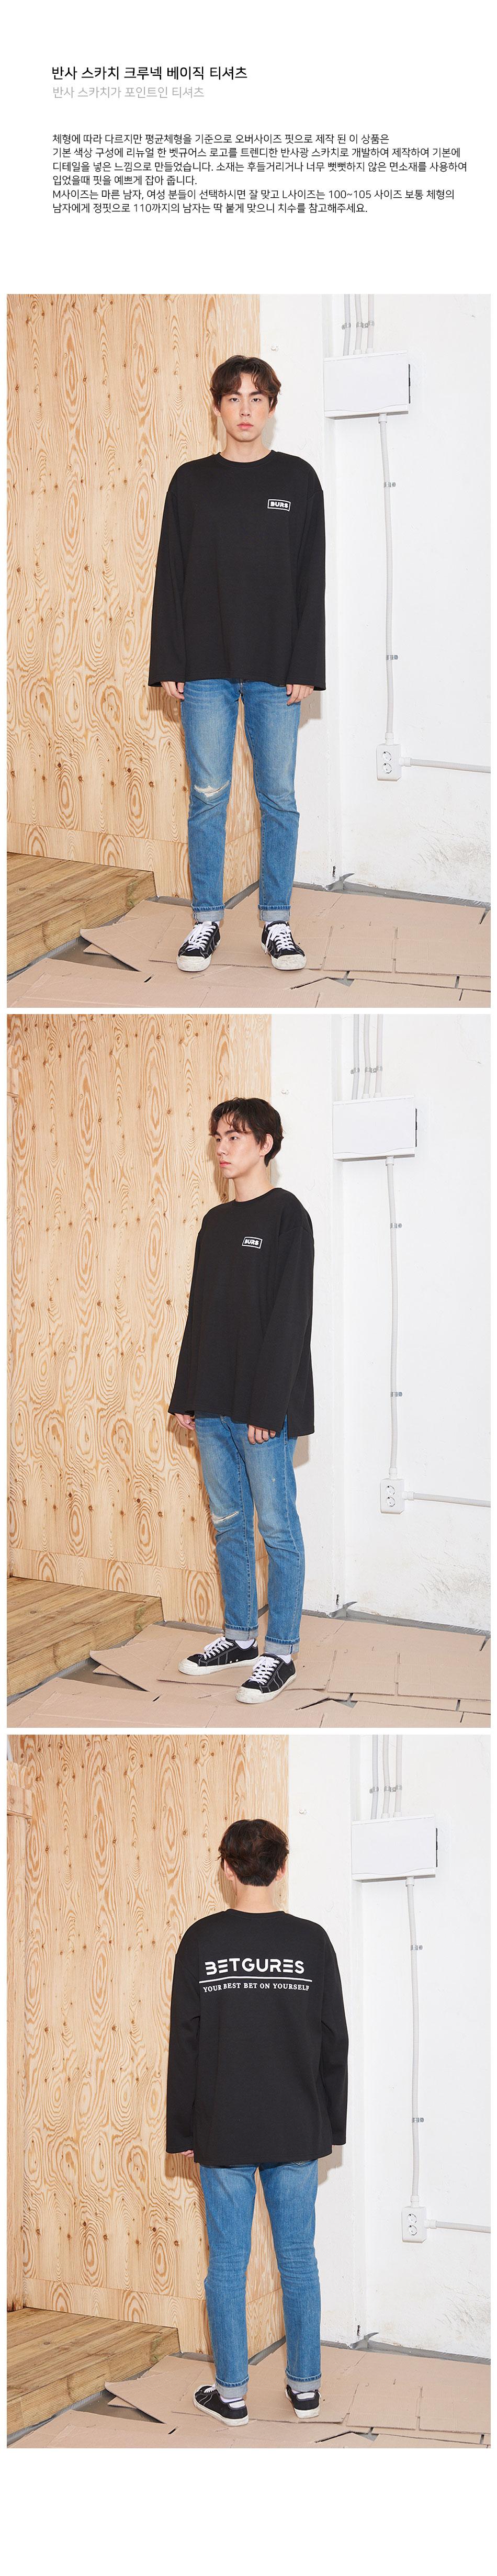 1스카치-크루넥-베이직-티셔츠-블랙_02.jpg